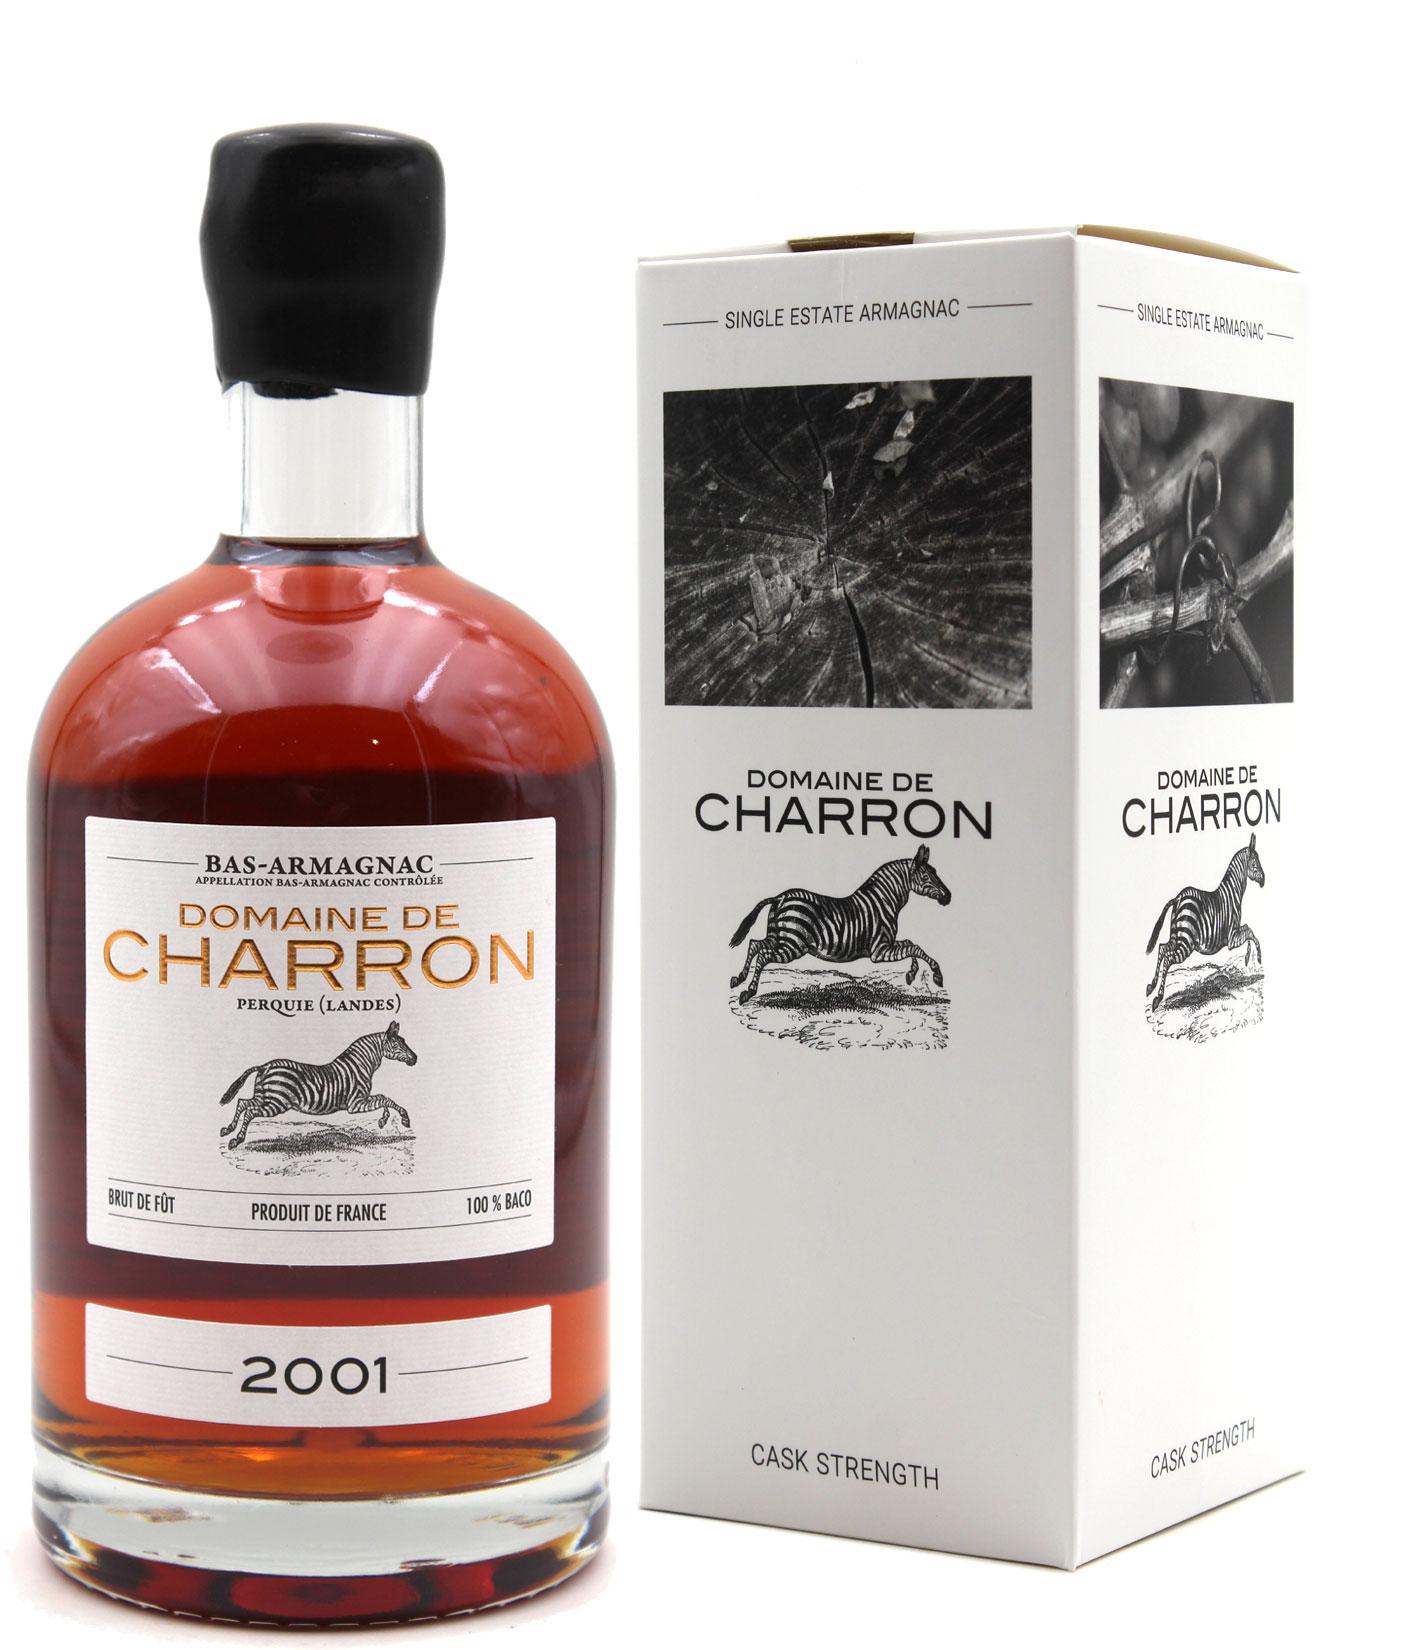 Bas Armagnac Domaine de Charron 2001  - 70cl